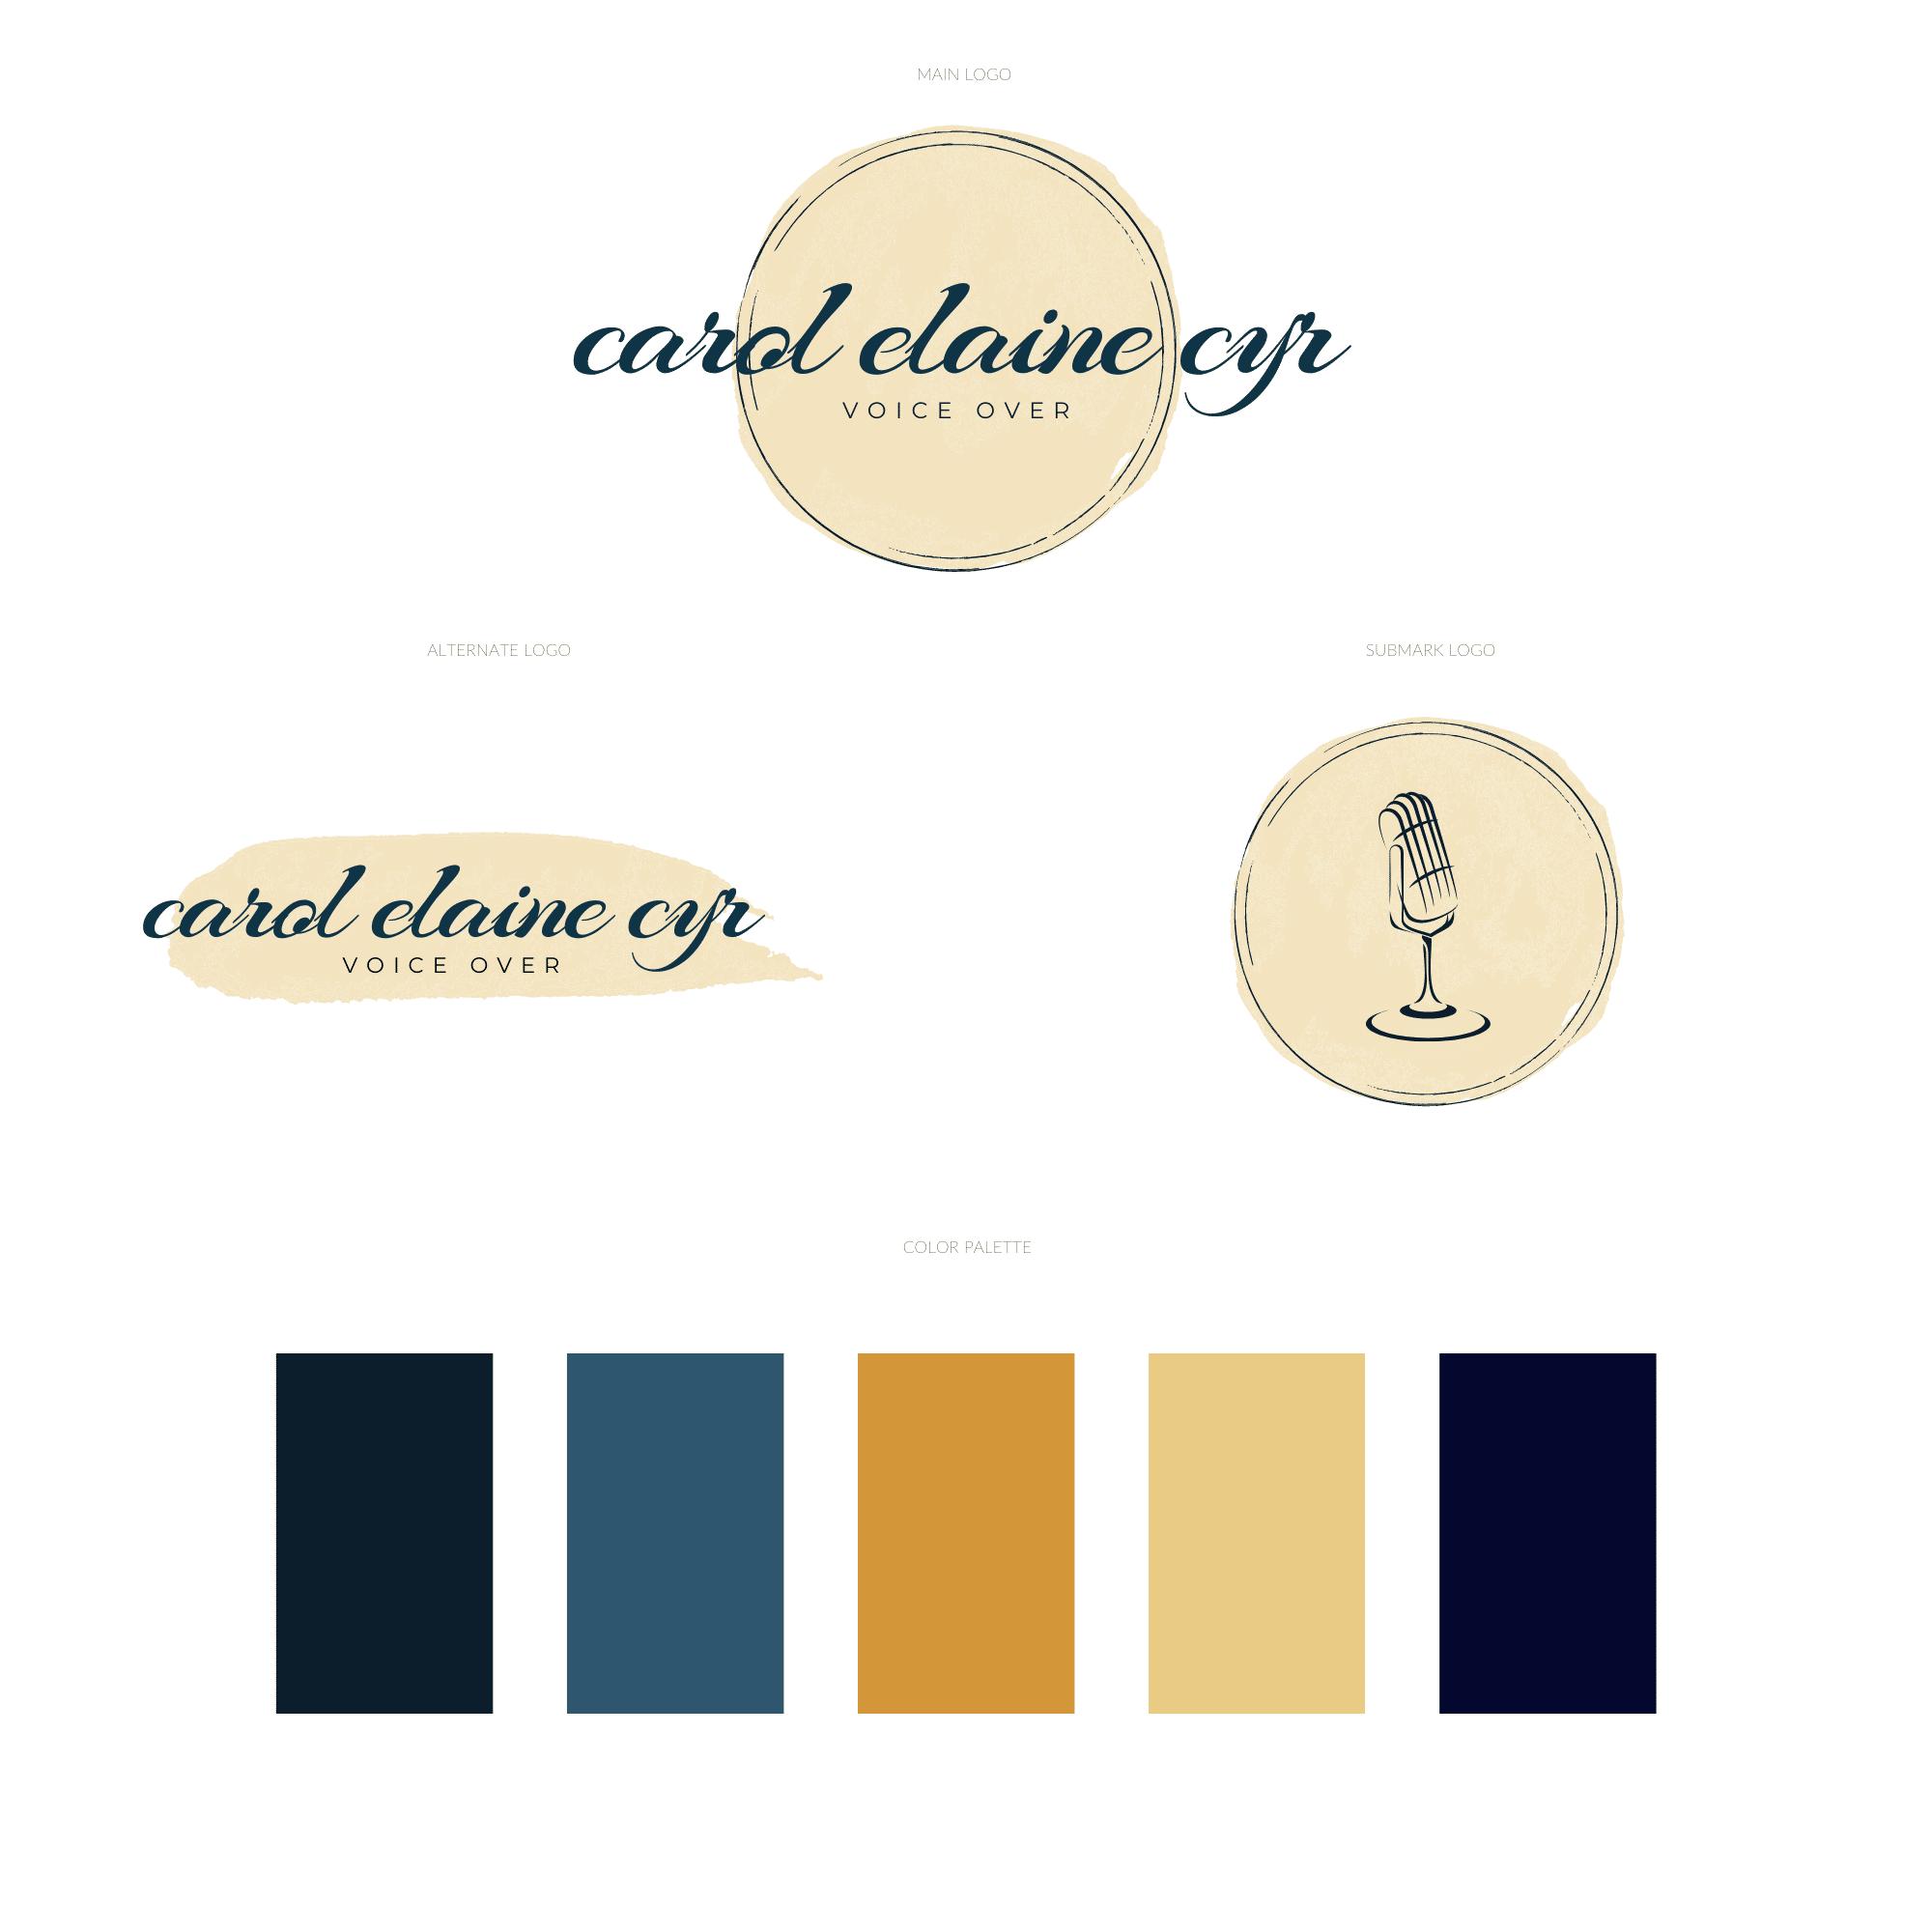 Carol Elaine Cyr Logo Option 4 (1)